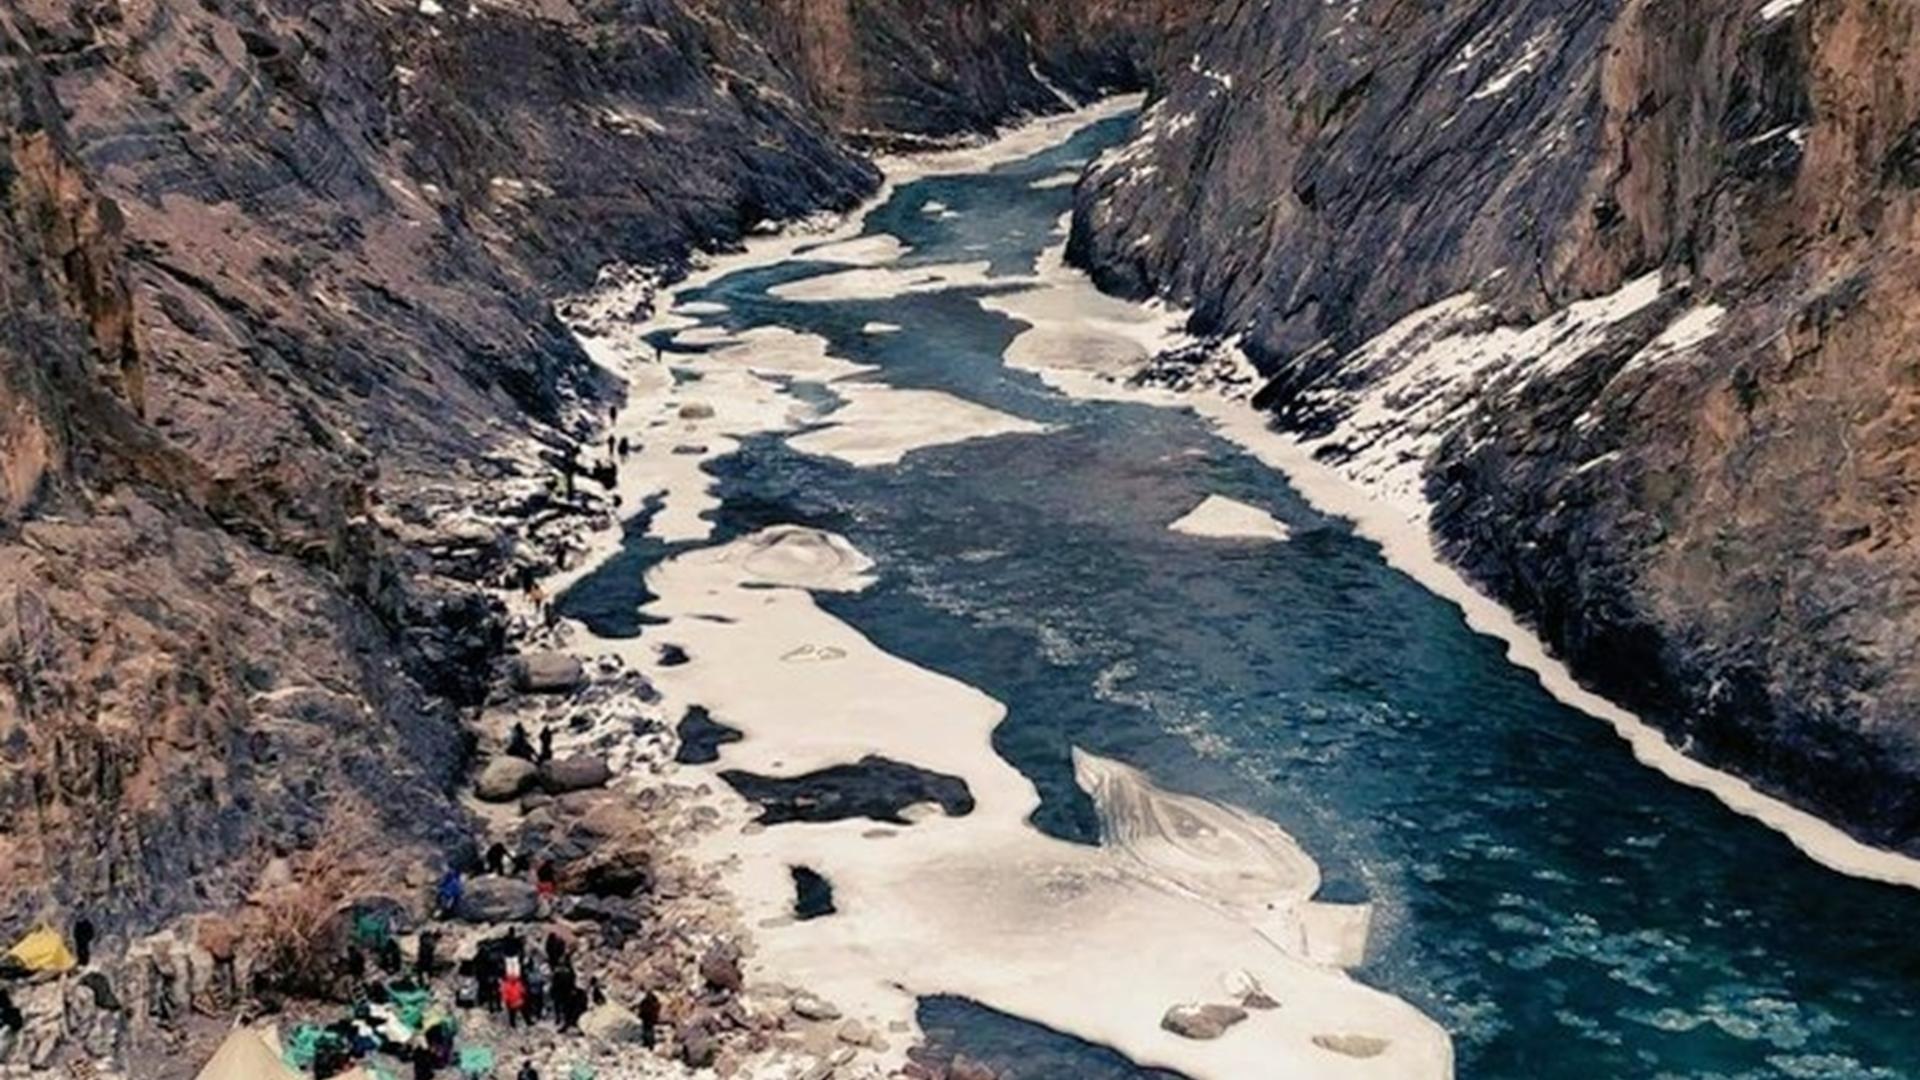 2020年6月15日,中印在加勒万河谷爆发激烈冲突。(微博@南海的浪涛)